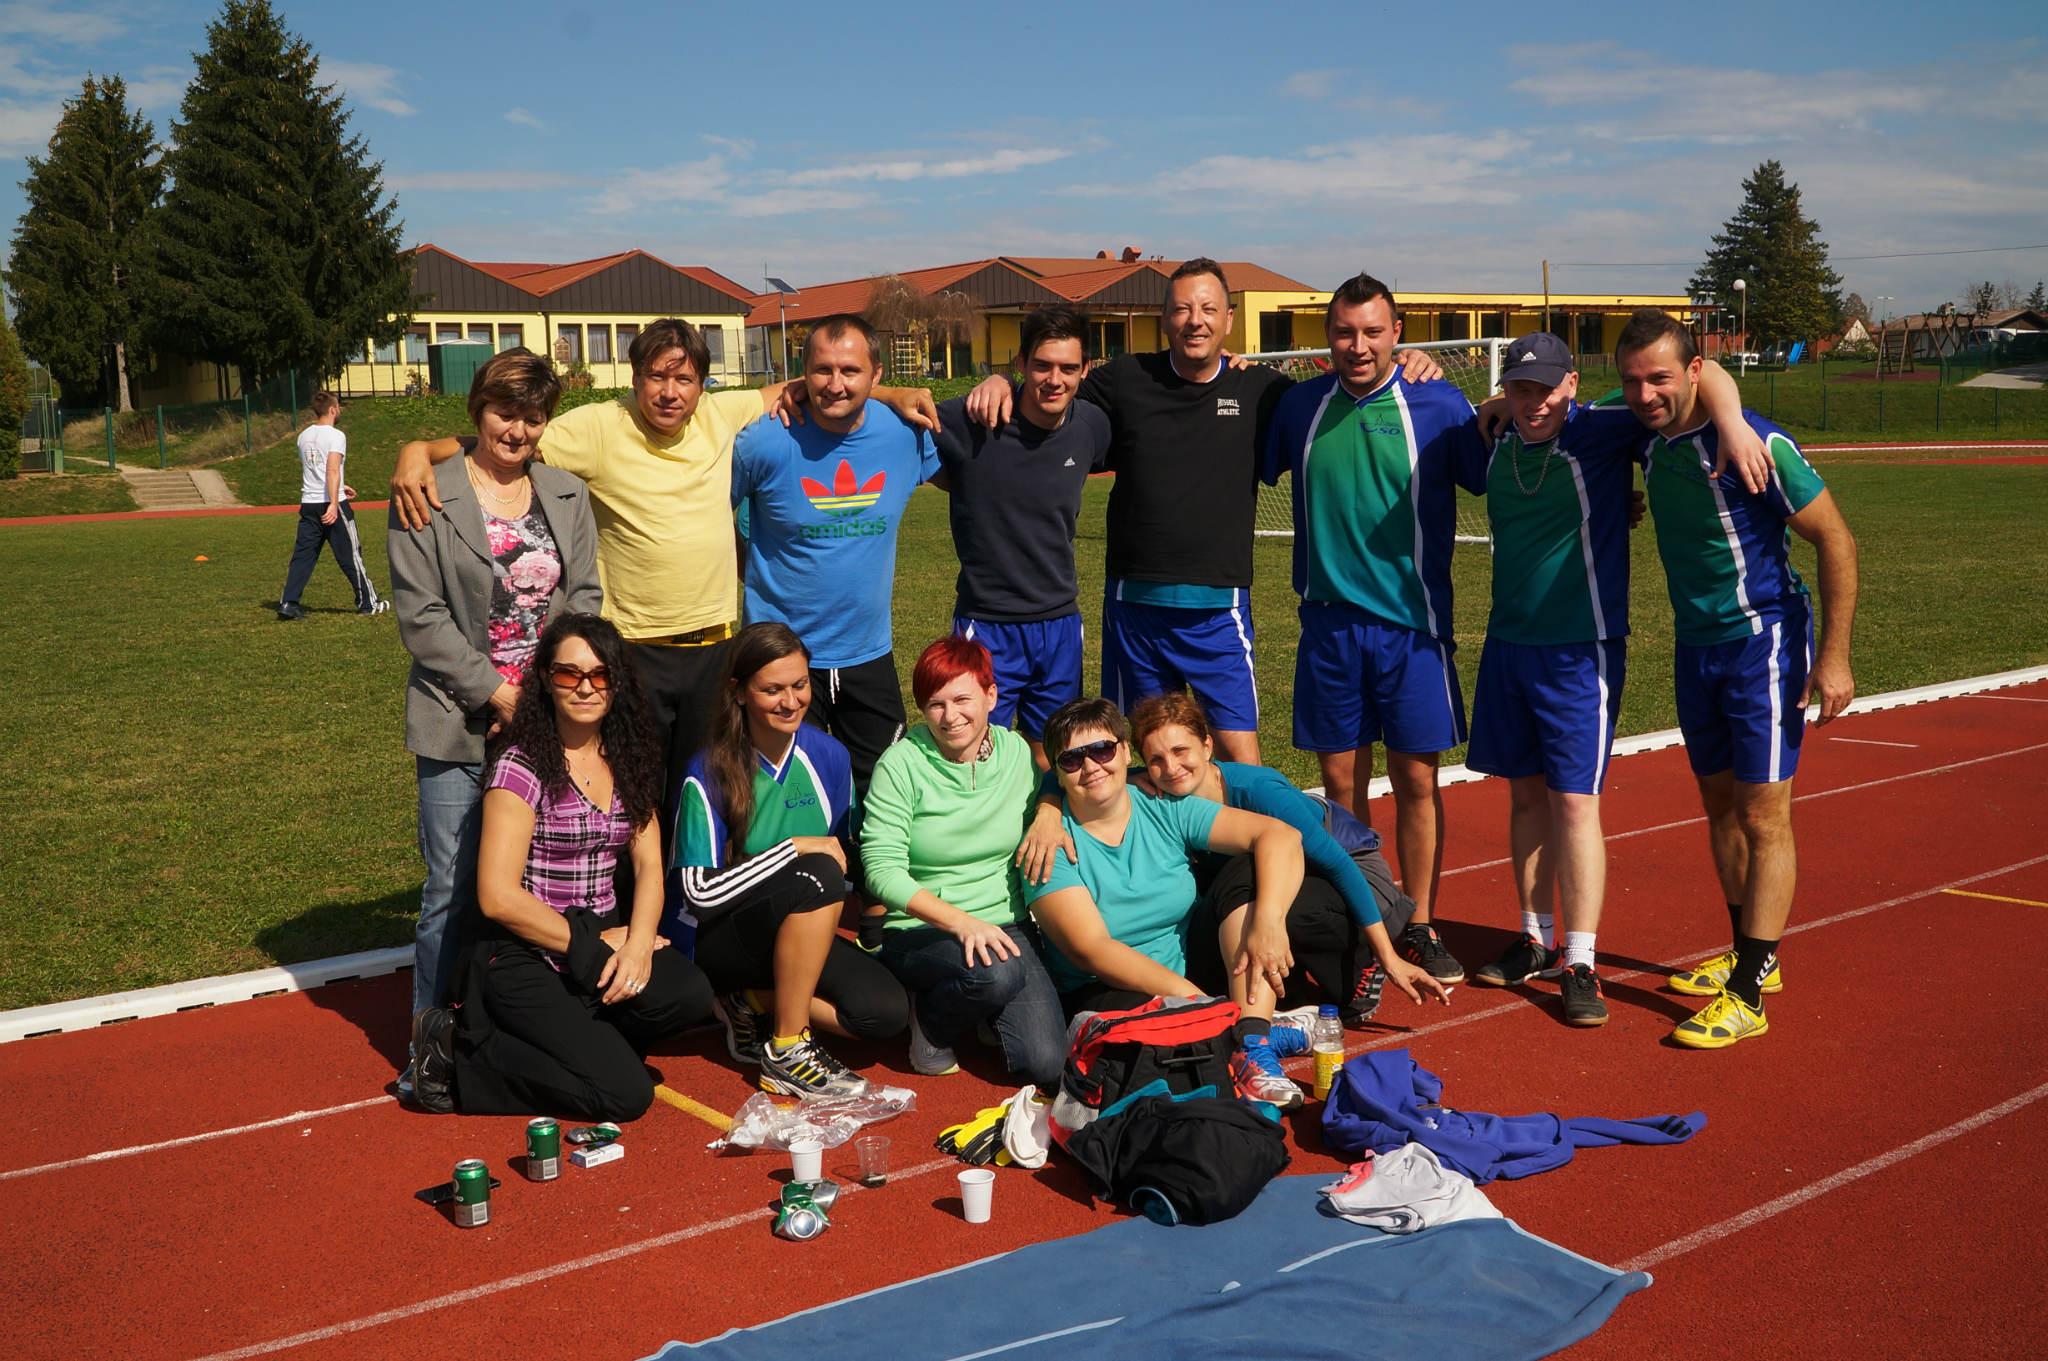 11.športne igre zaposlenih v ormoških zdravstvenih ustanovah